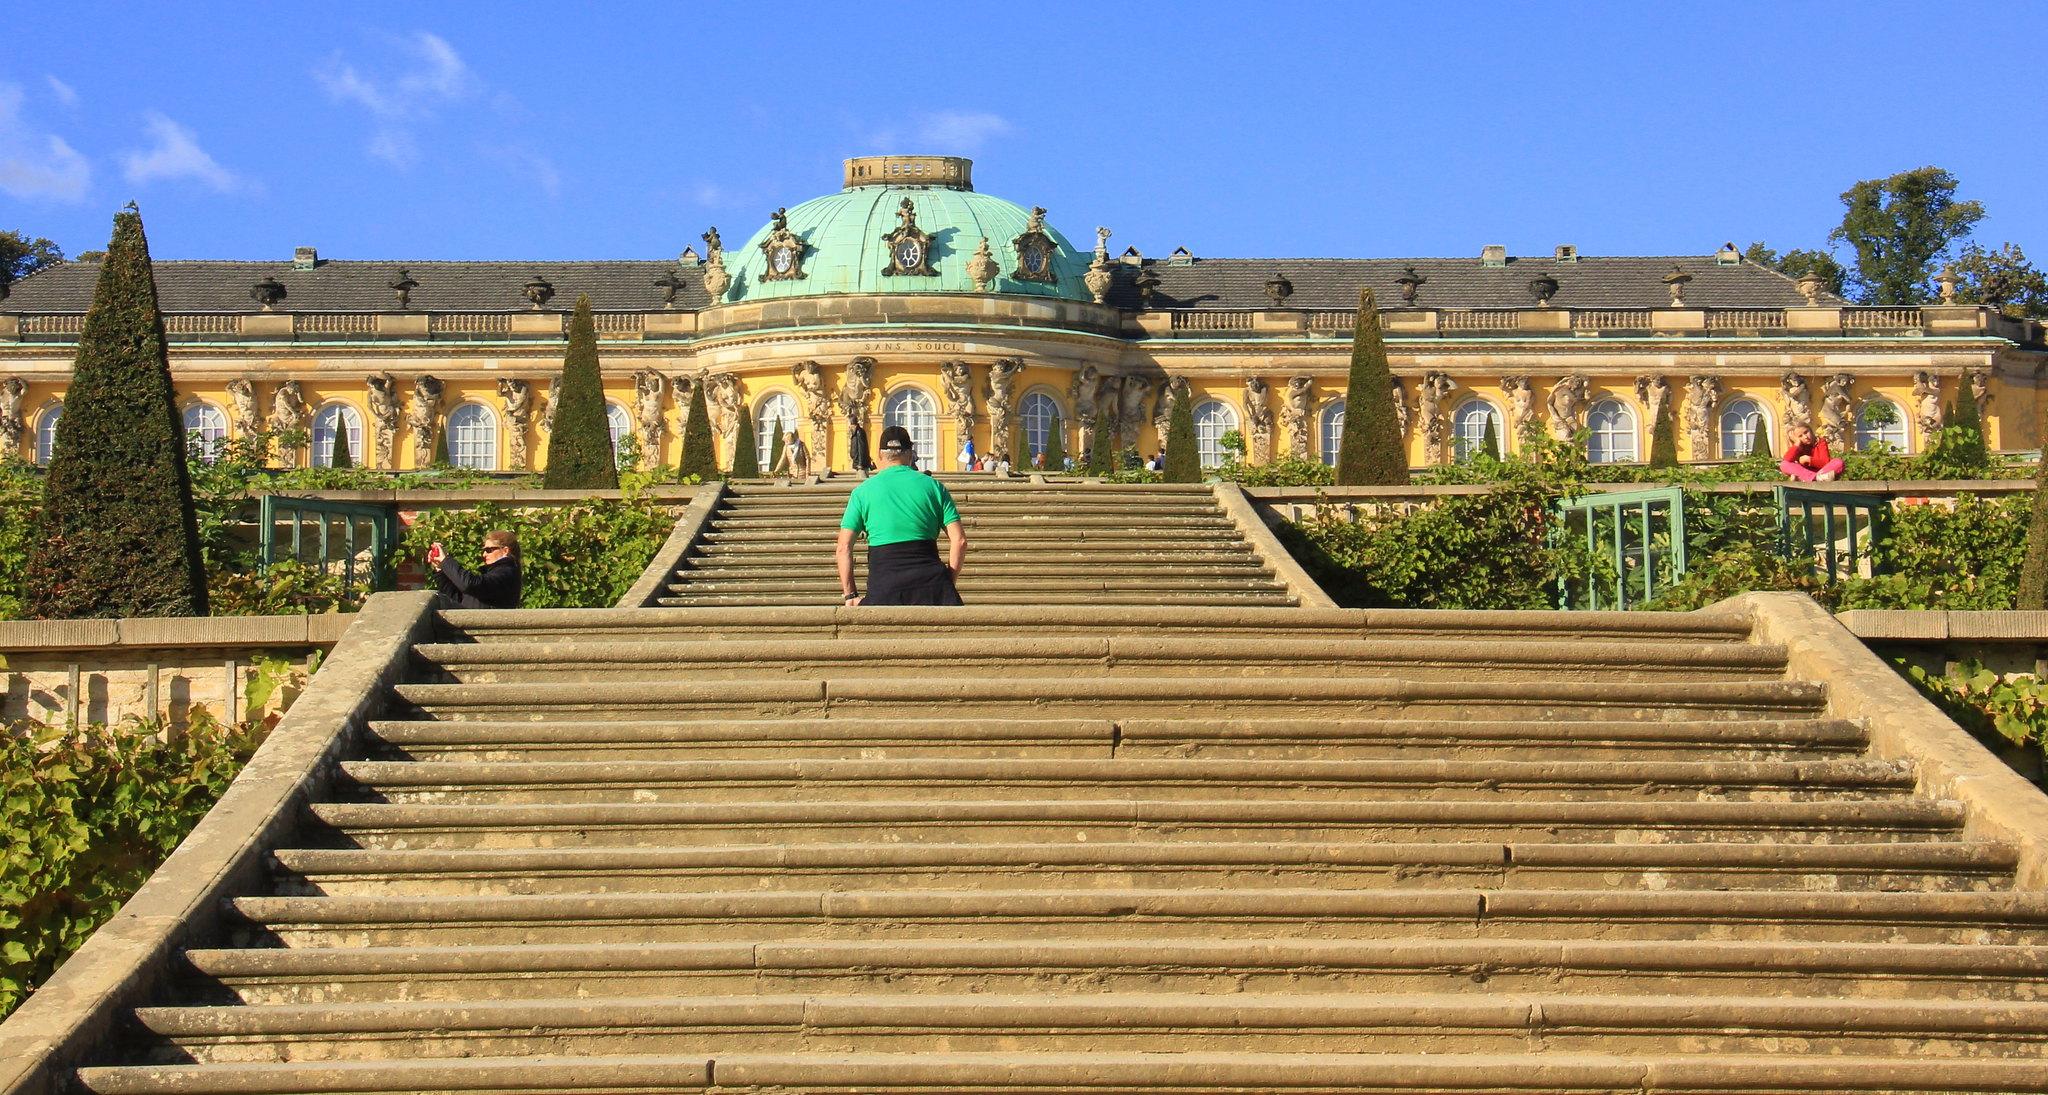 Potsdam is famous for Sanssouci